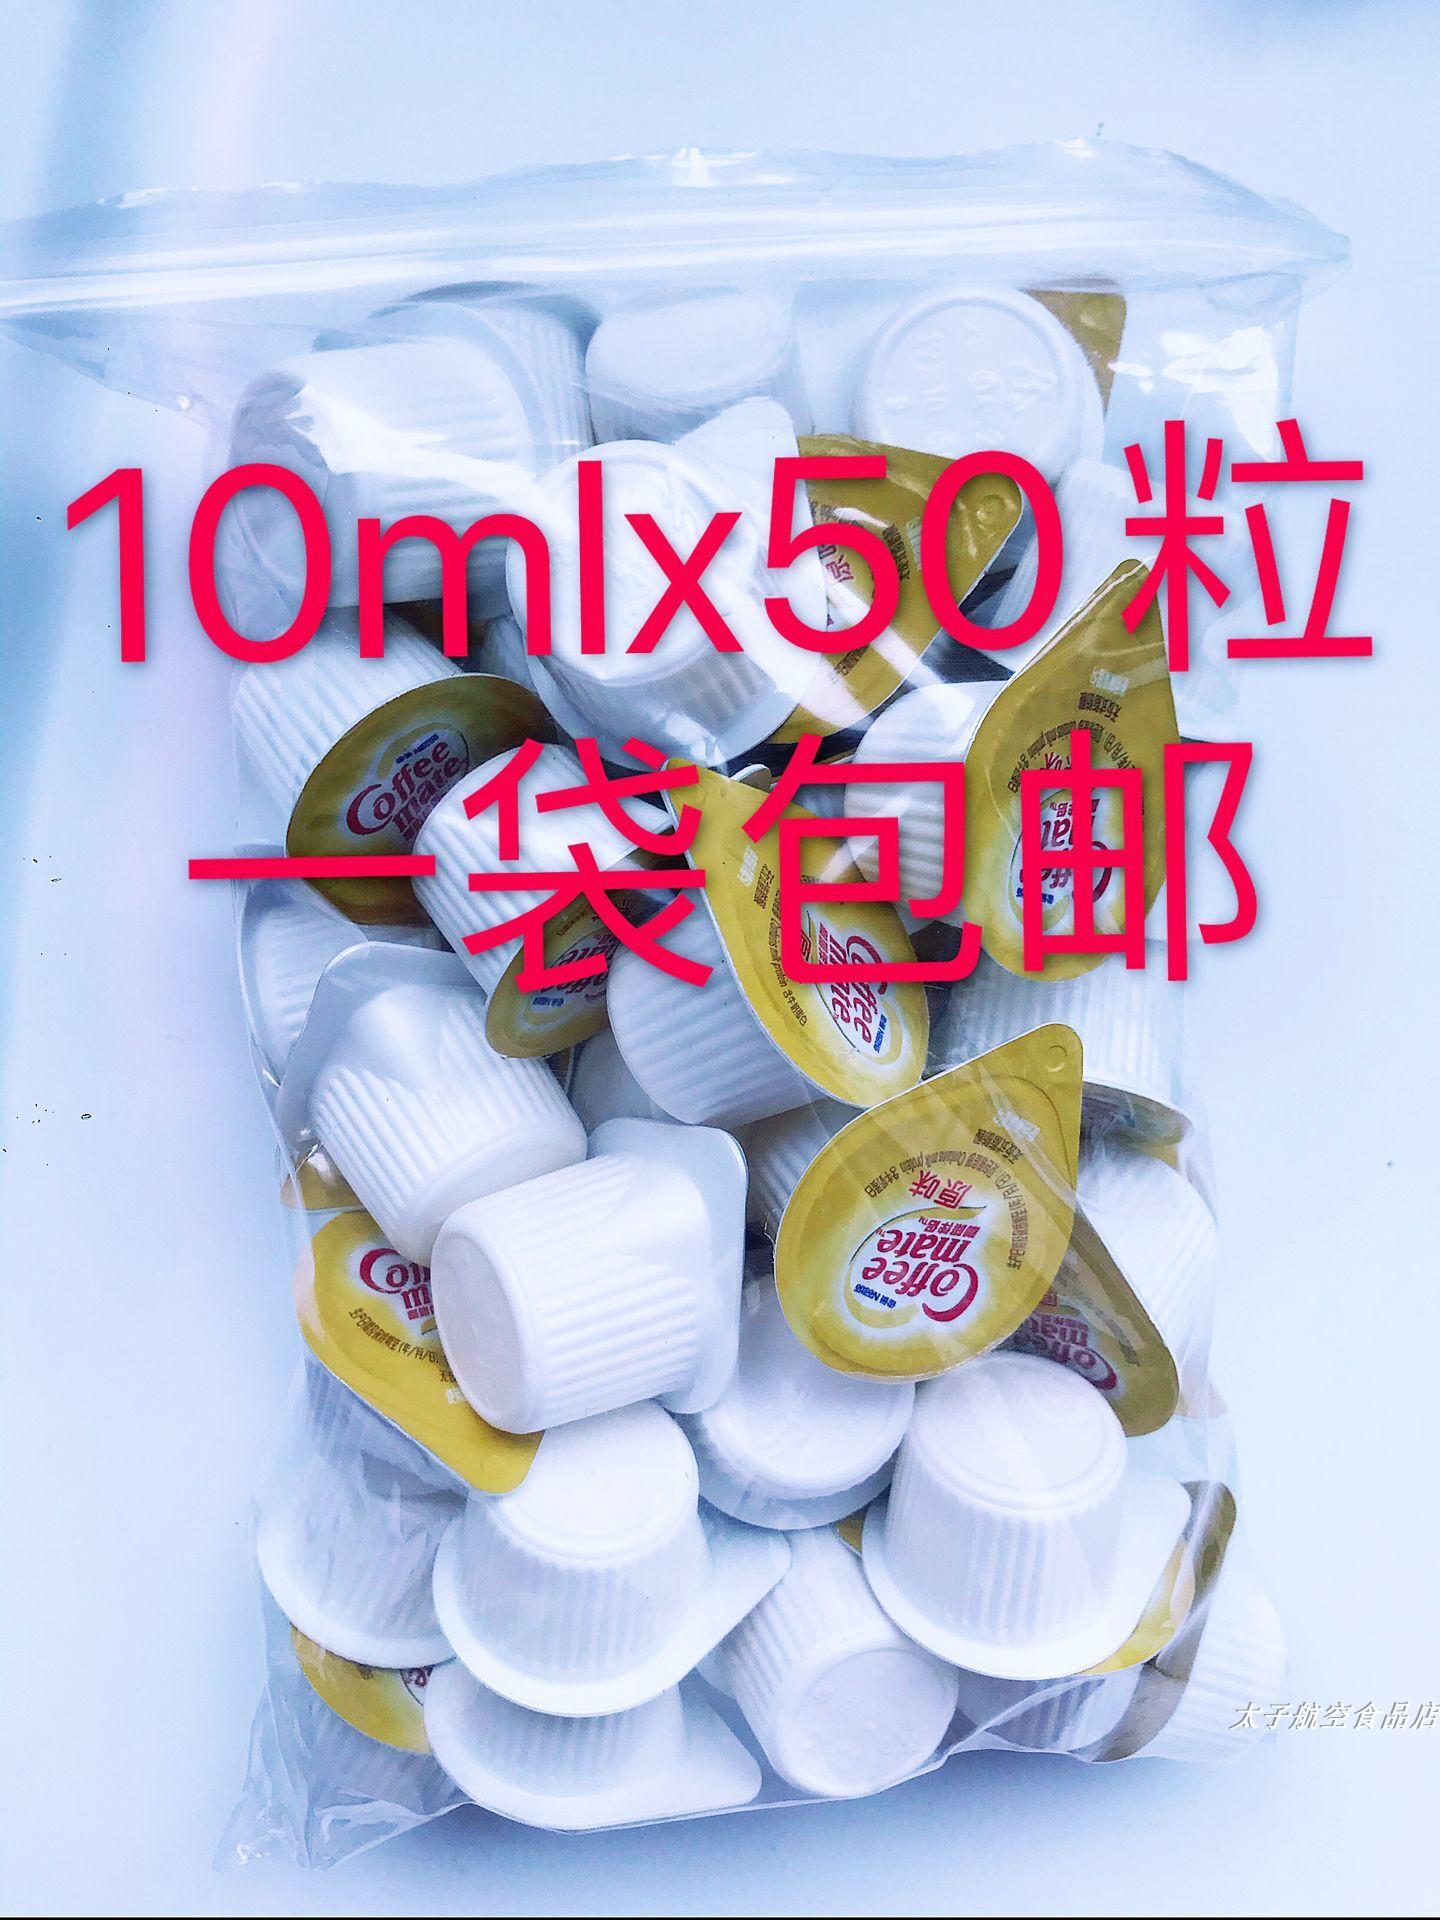 现货!包邮雀巢伴侣奶球咖啡奶精球10ml*50原味奶粒脂末奶精散装